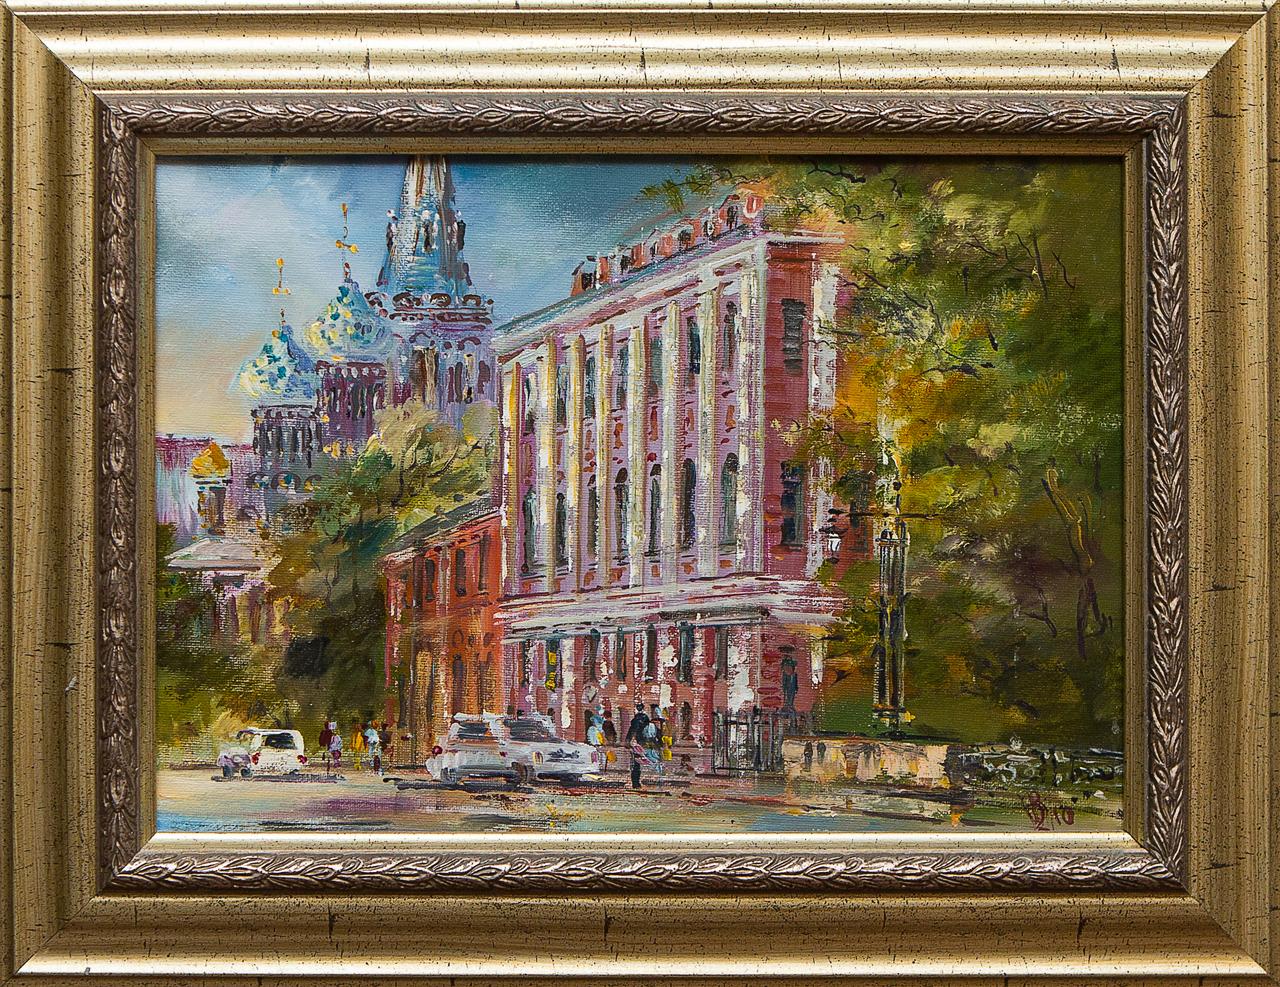 Картина маслом Исторический центр Шеренкова картина маслом город шеренкова